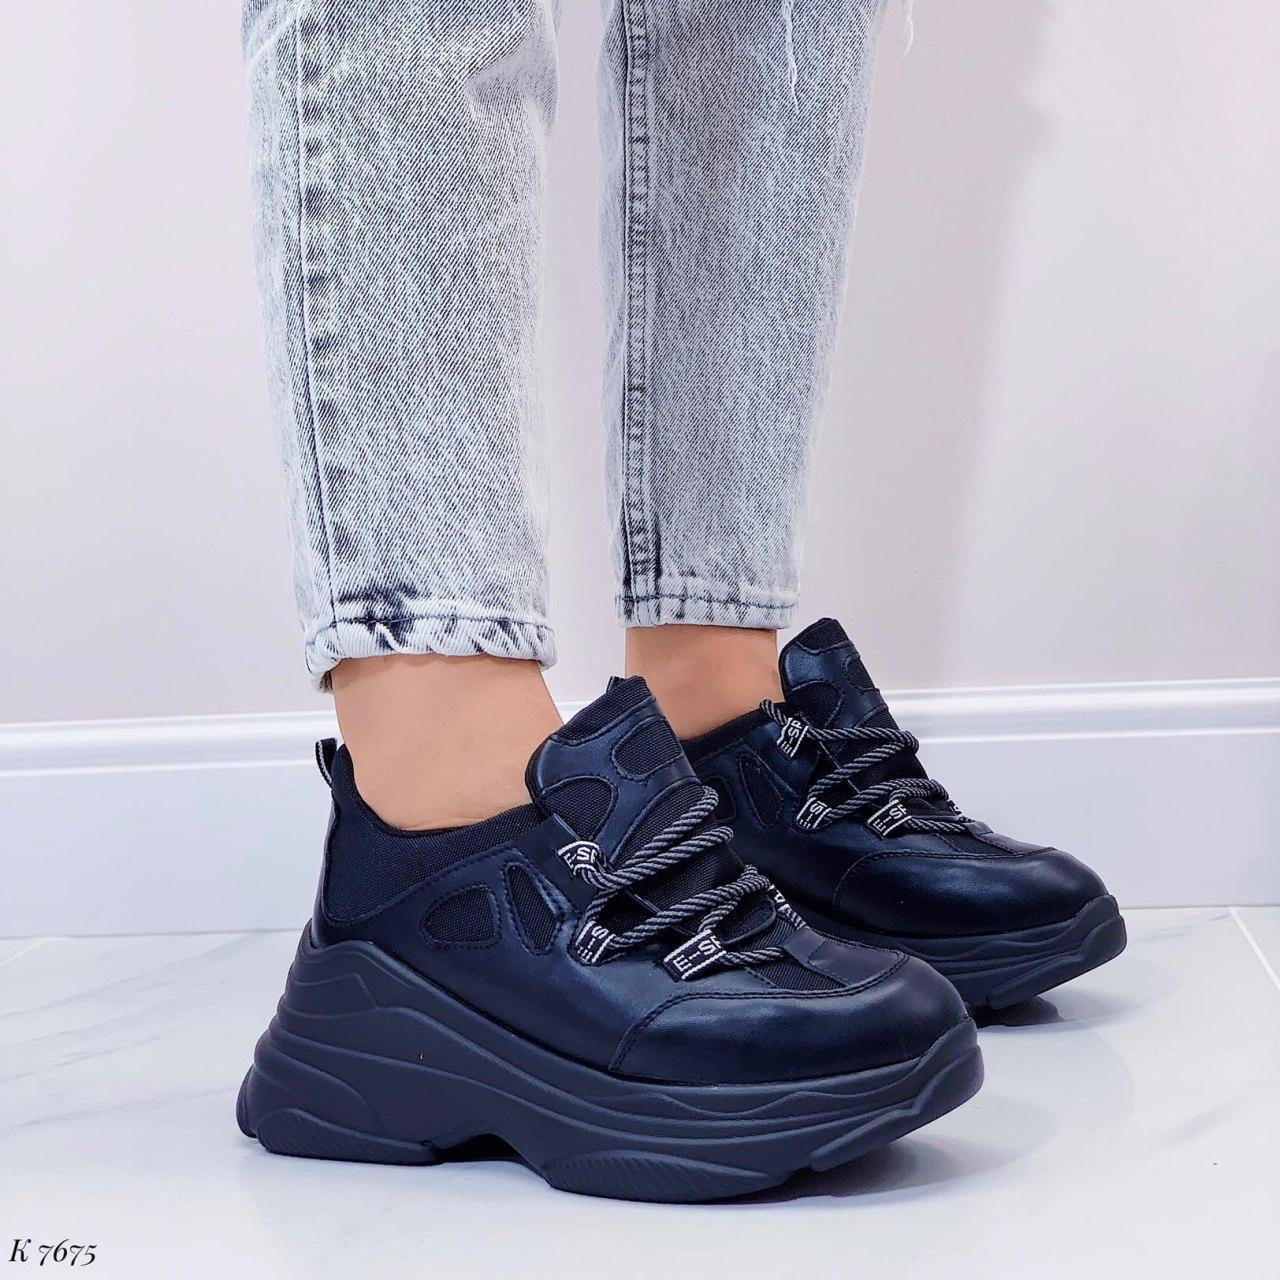 Кросівки жіночі чорні на платформі з еко шкіри. Кросівки жіночі чорні на платформі